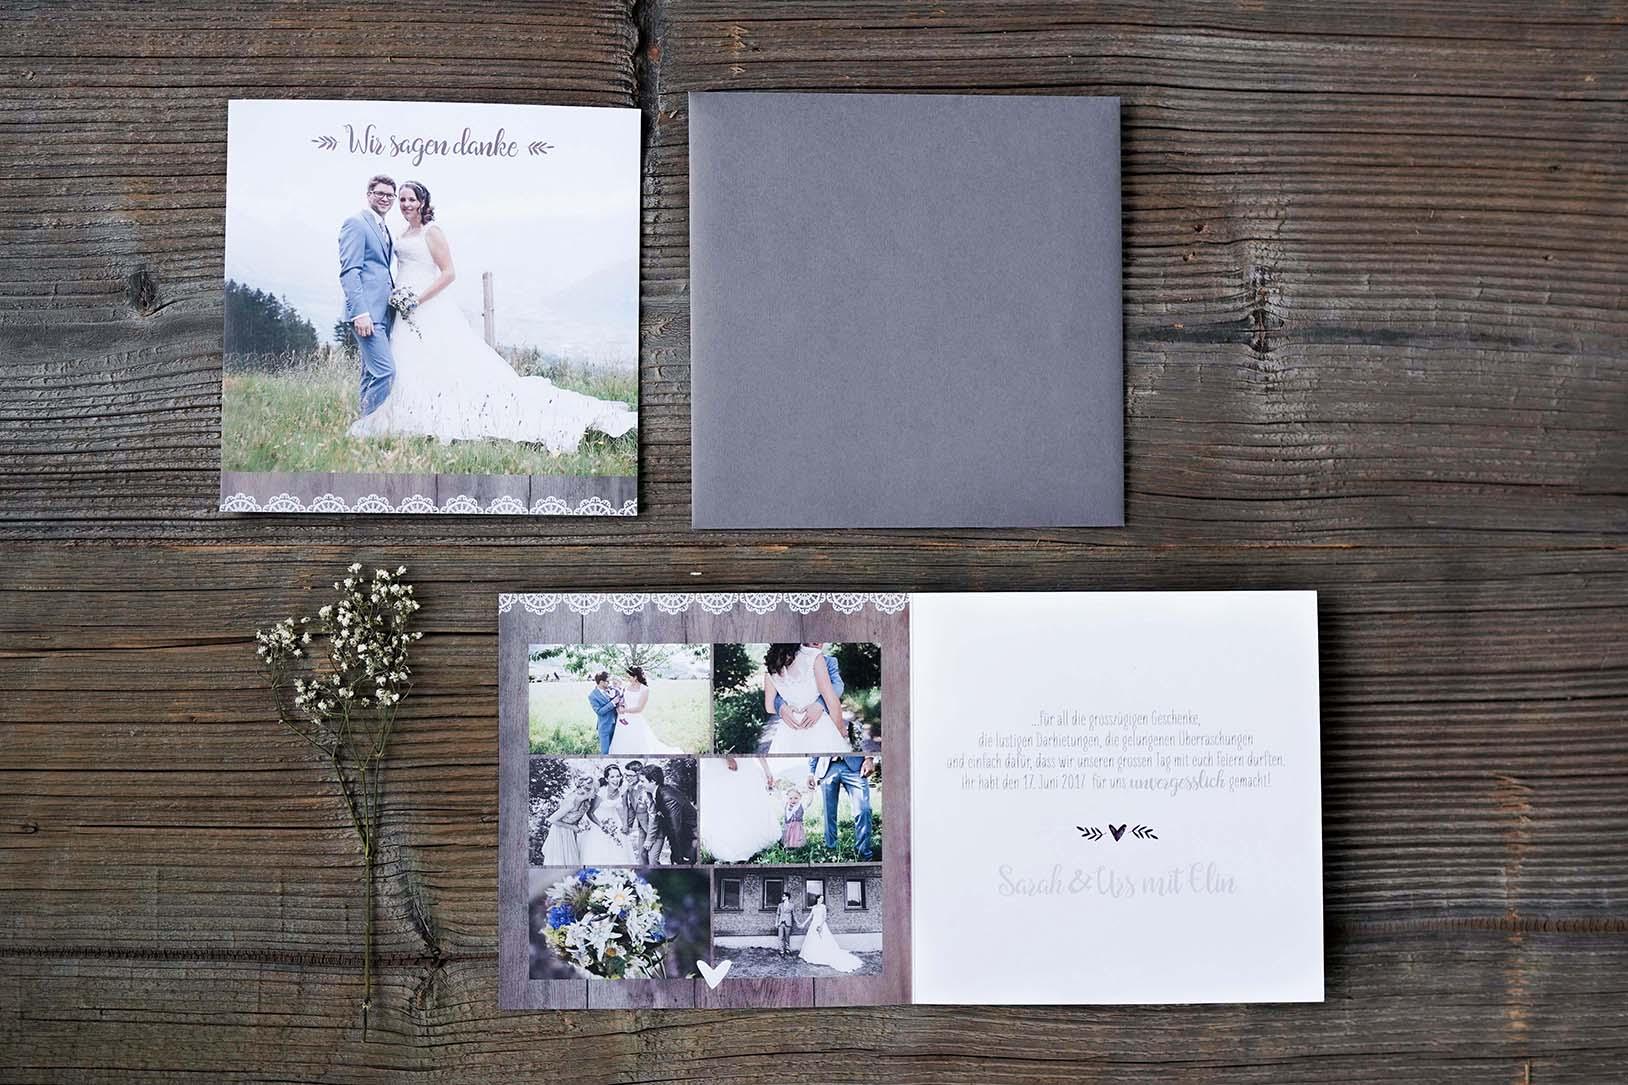 Hochzeitsdankeskarte Urs & Sarah